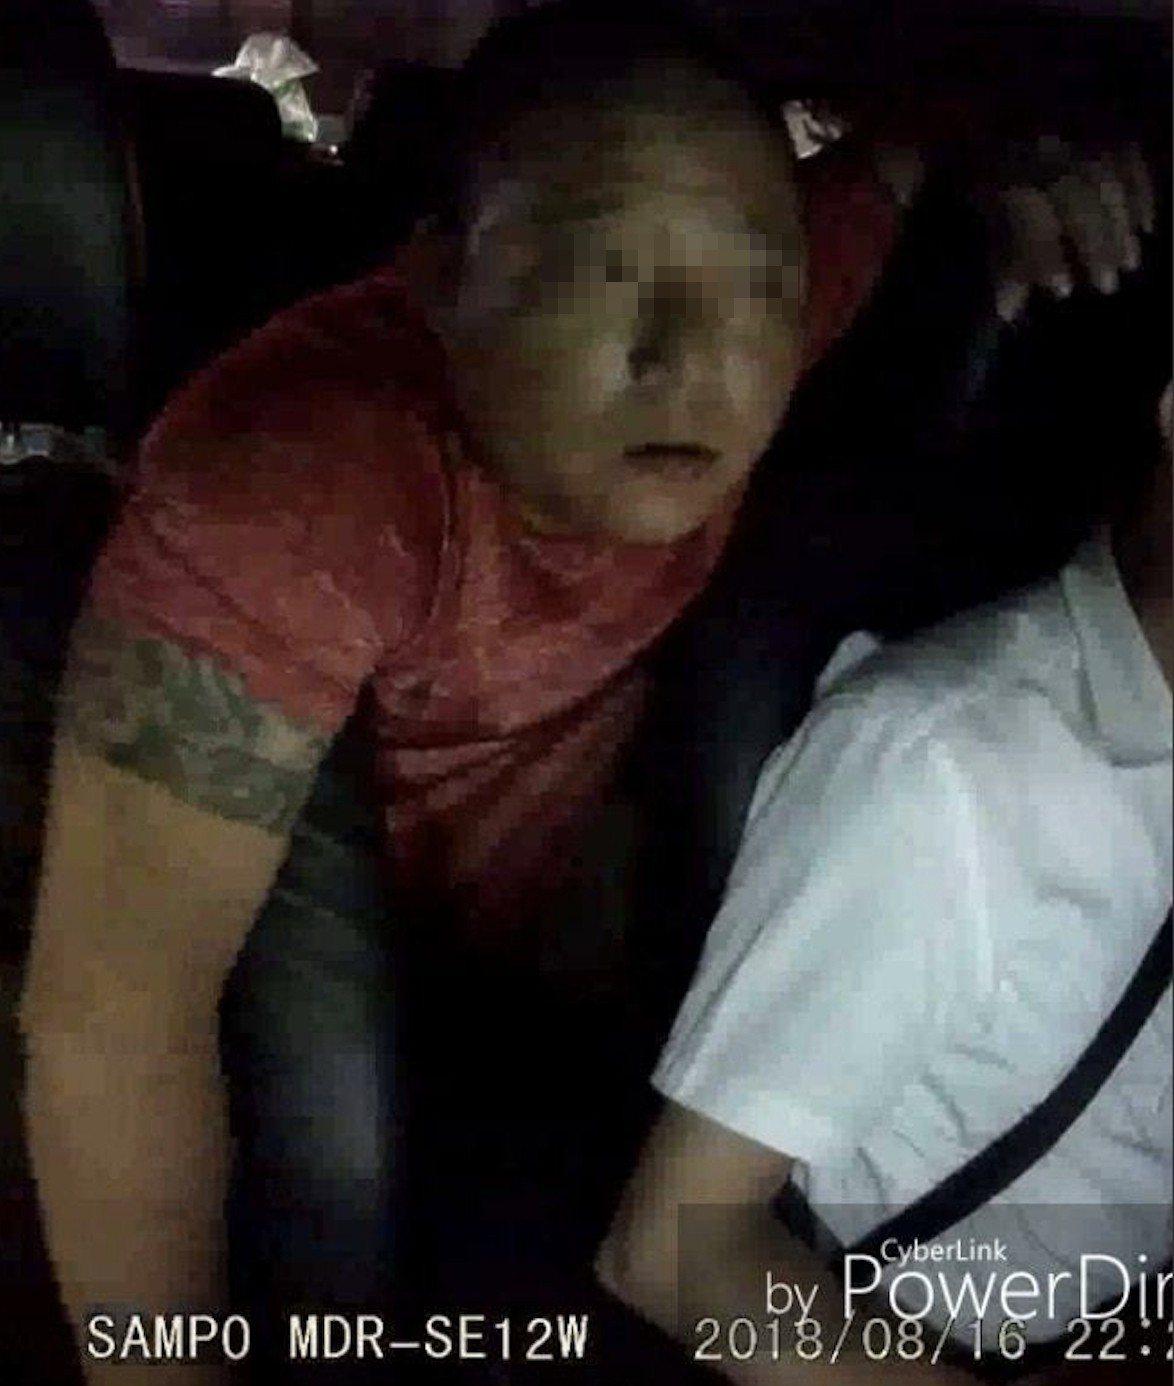 林男打瞎邱姓司機右眼,檢方依重傷害罪嫌起訴他。圖/報系資料照